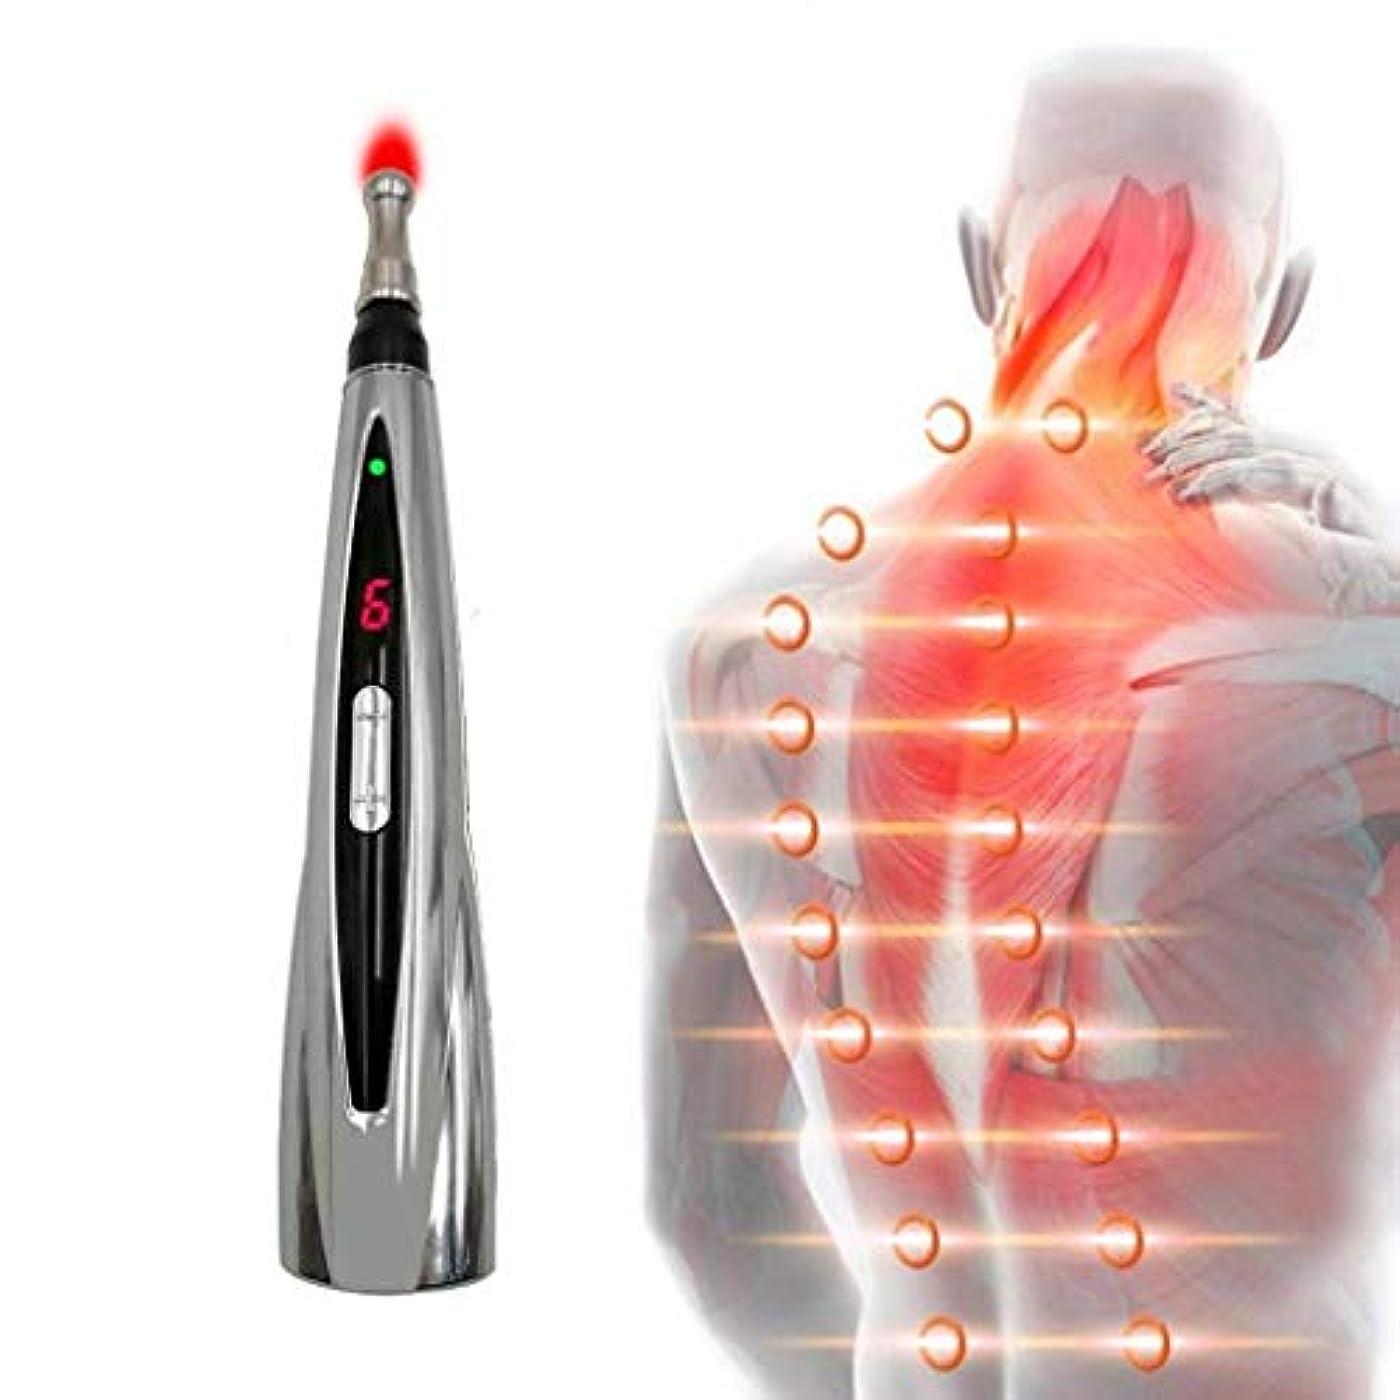 自宅で幾分類推鍼治療ペン、エネルギーパルス指圧スティック、ホームマッサージャー、経絡edge器、電子鍼治療ペン、痛みを和らげ、ヘルスケア